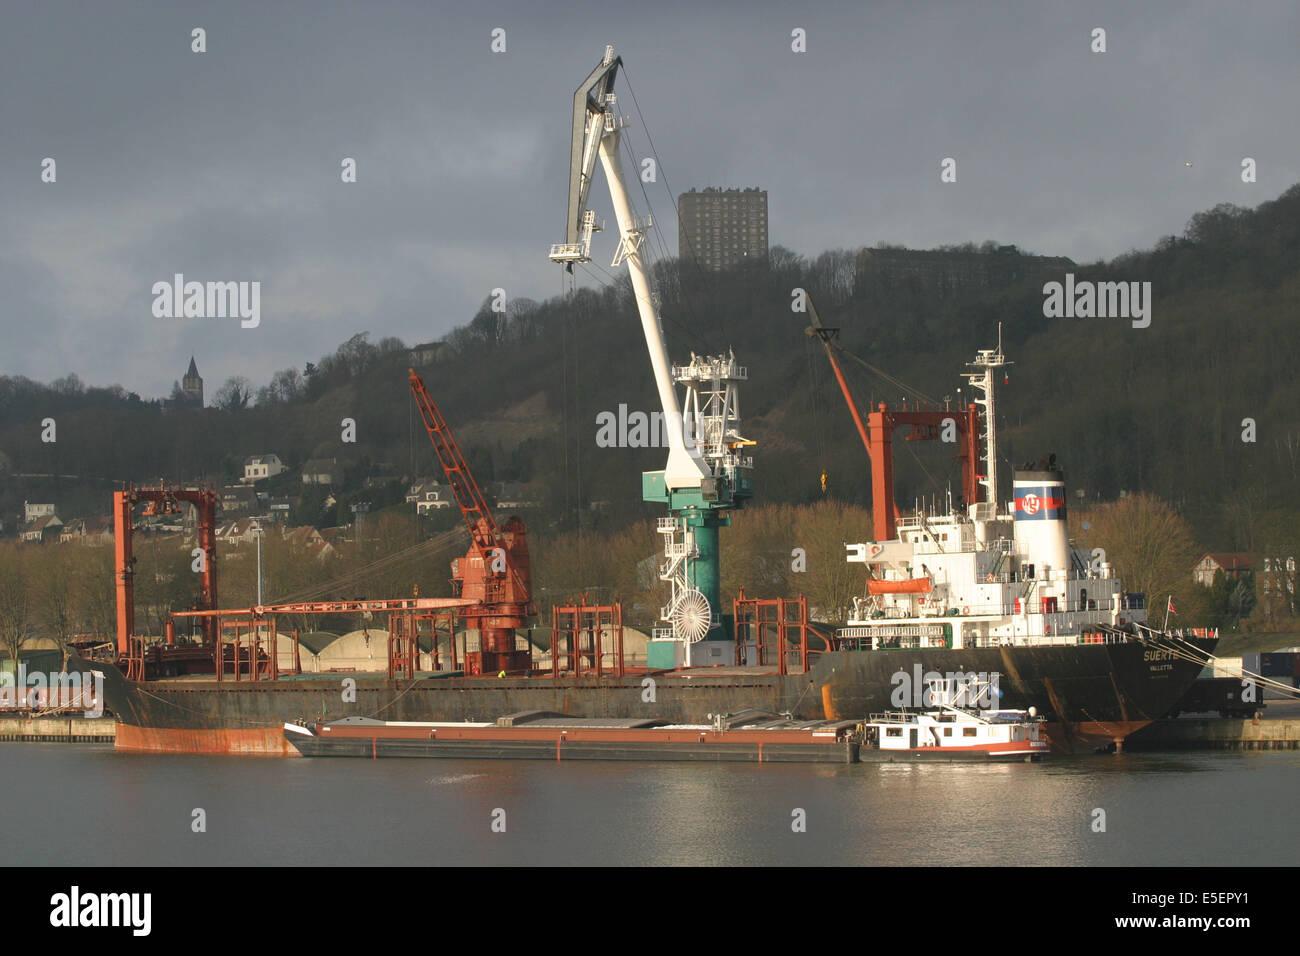 France normandie seine maritime vallee de la seine grand port de stock photo royalty free - Grand port maritime de rouen ...